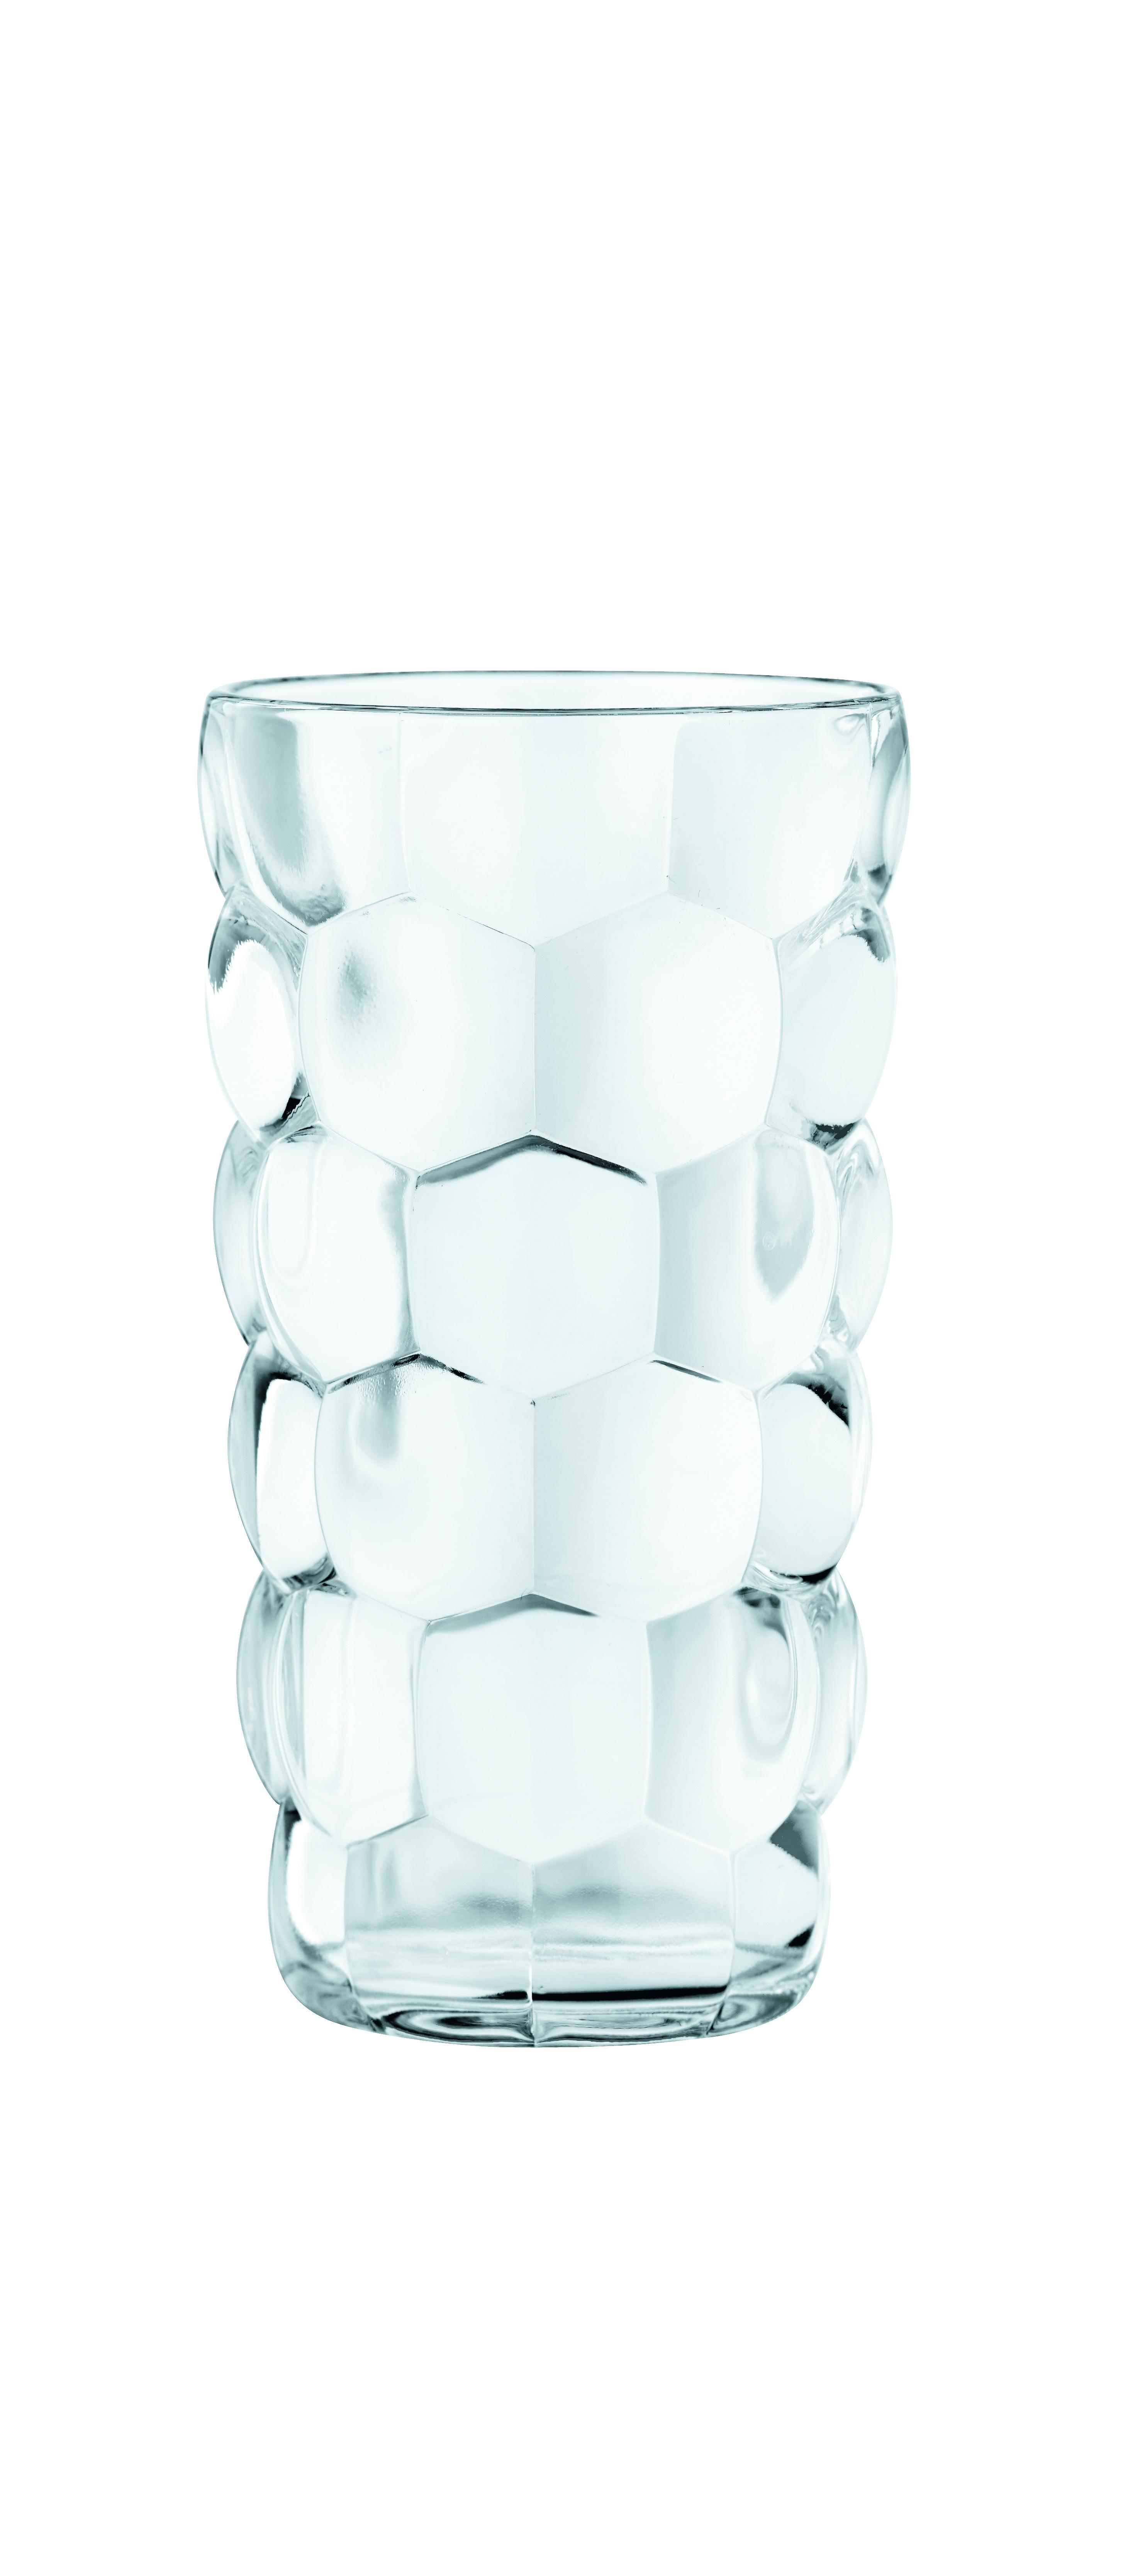 Exquisit Longdrinkgläser Kristall Foto Von Vorschau: 4 Longdrinkgläser Bubbles Von Nachtmann